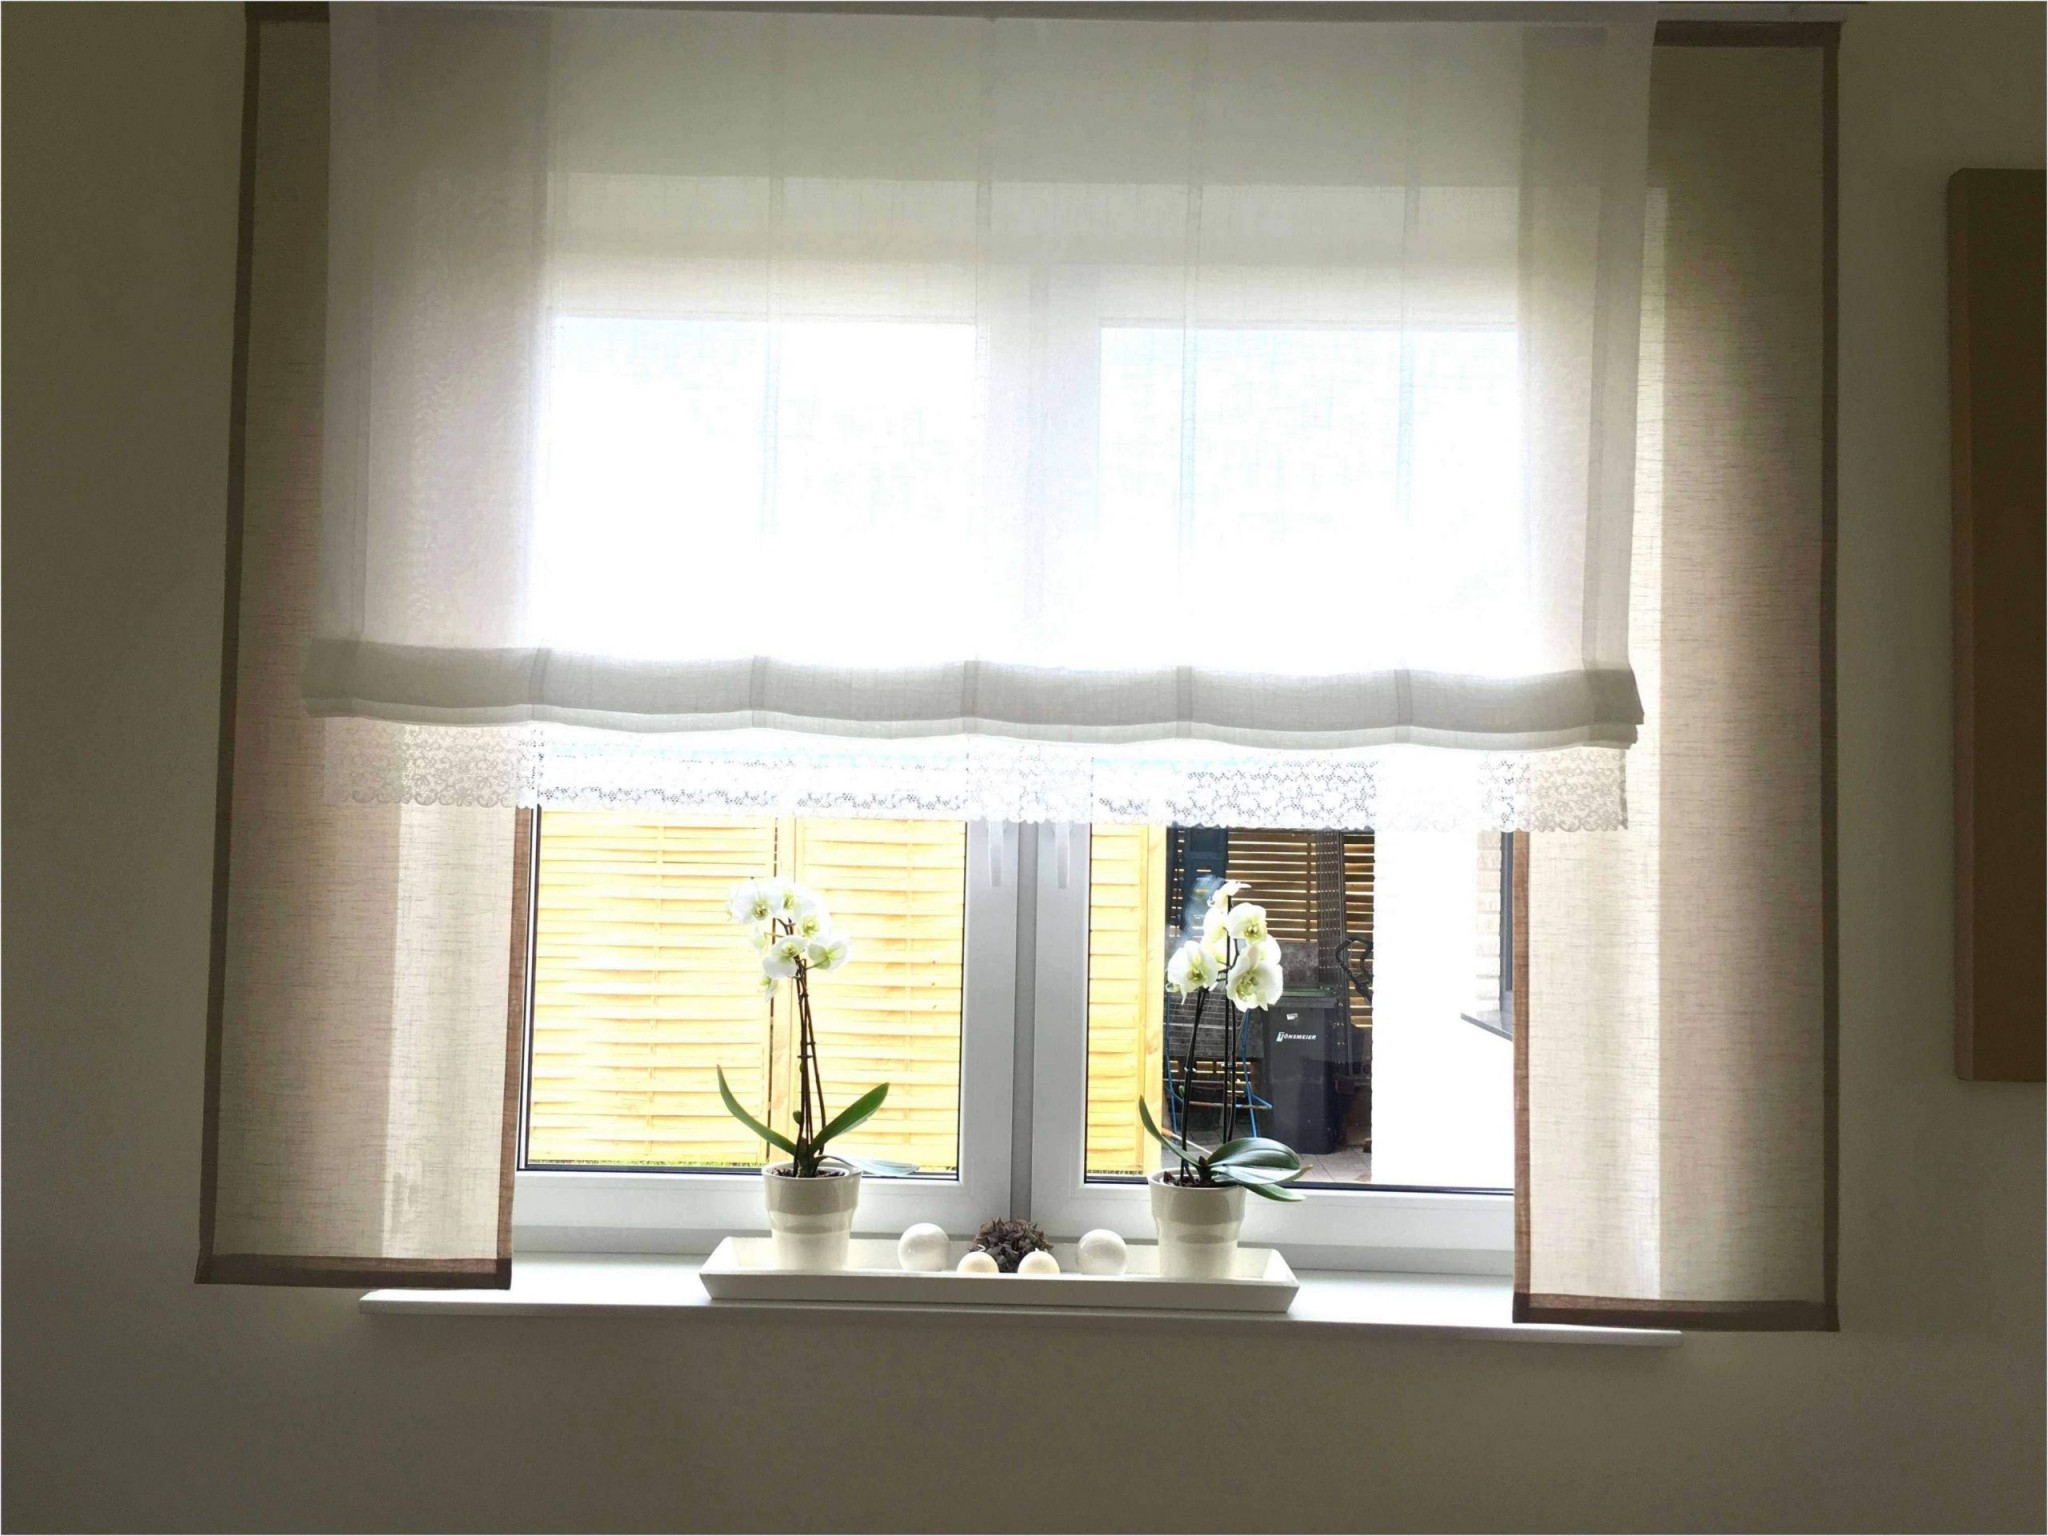 36 Frisch Wohnzimmer Gardinen Mit Balkontür Inspirierend von Wohnzimmer Gardinen Fenster Und Balkontüre Photo